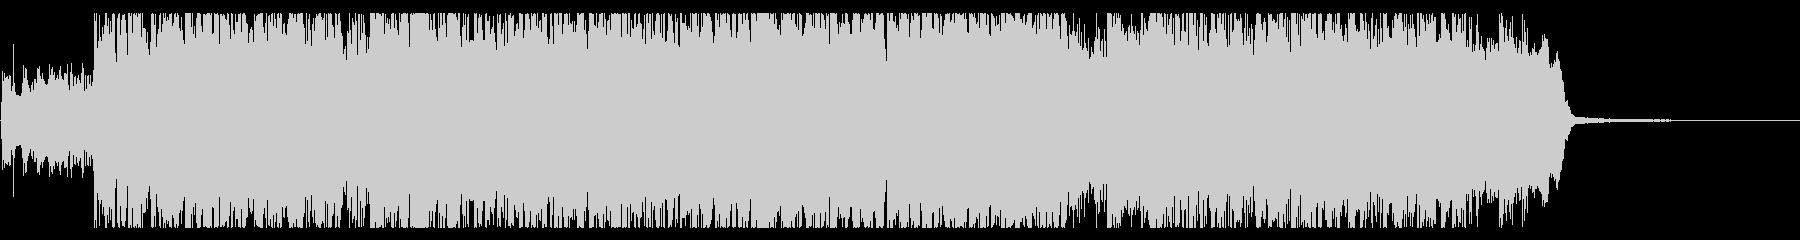 「エリーゼのために」メタルVer.の未再生の波形